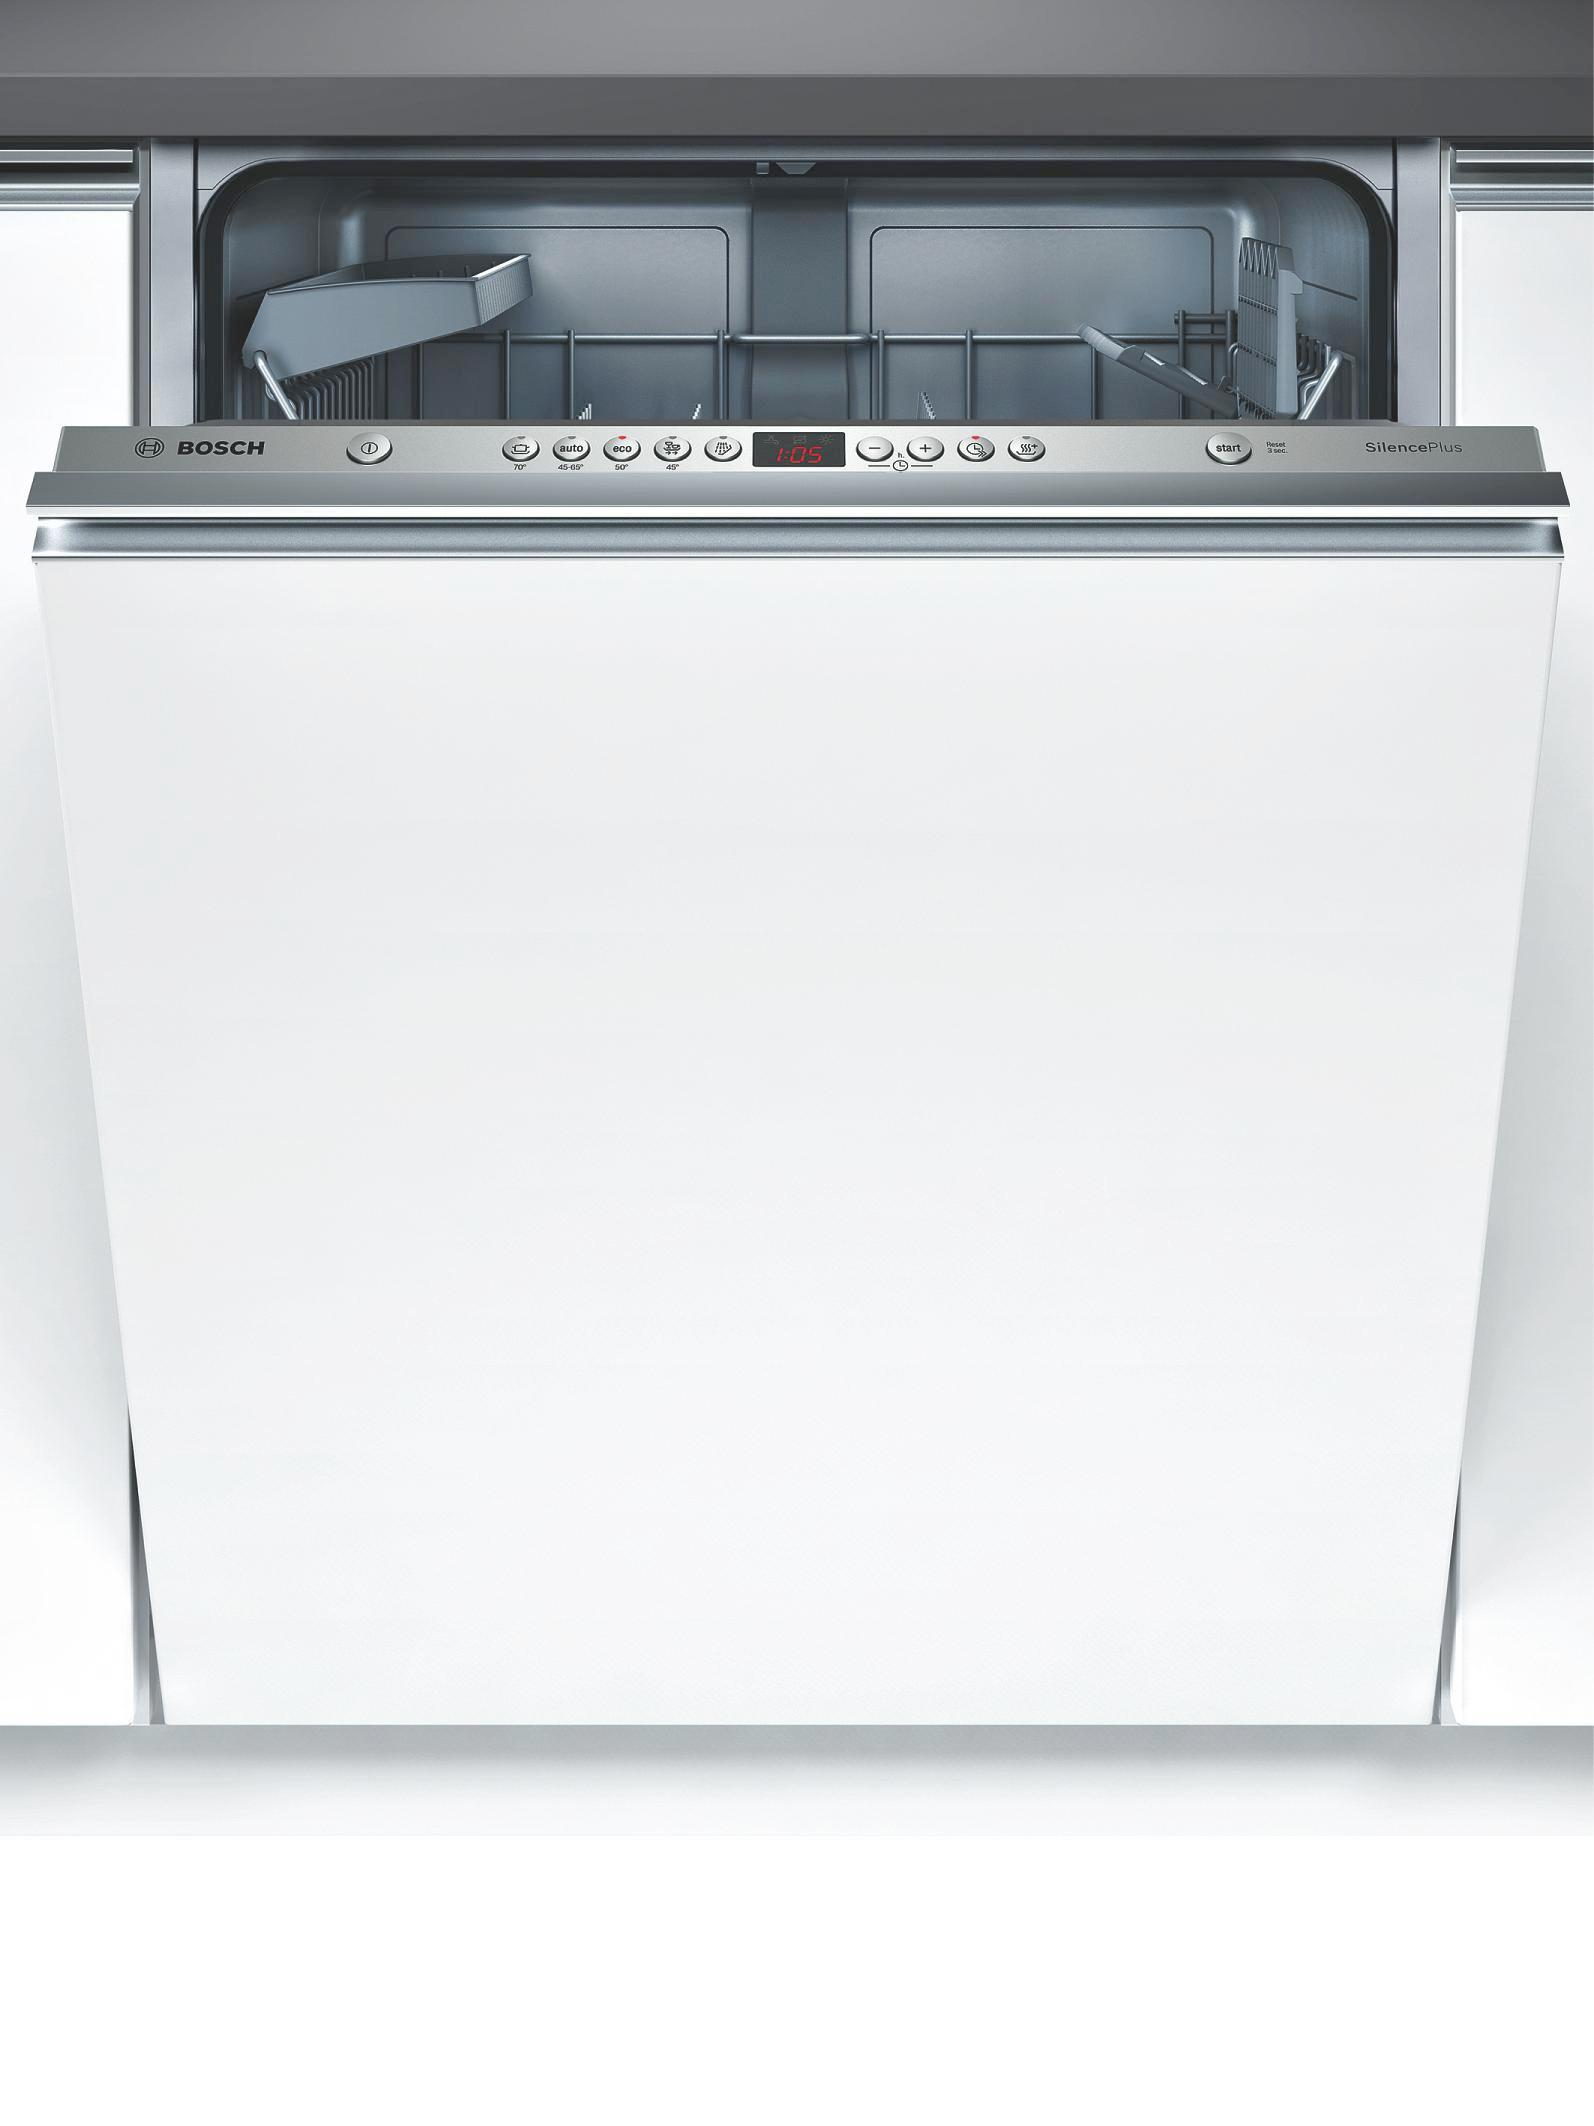 Geschirrspüler Bosch Smv50m90eu, EEZ A++ - MODERN (59,8/81,5/55cm) - BOSCH